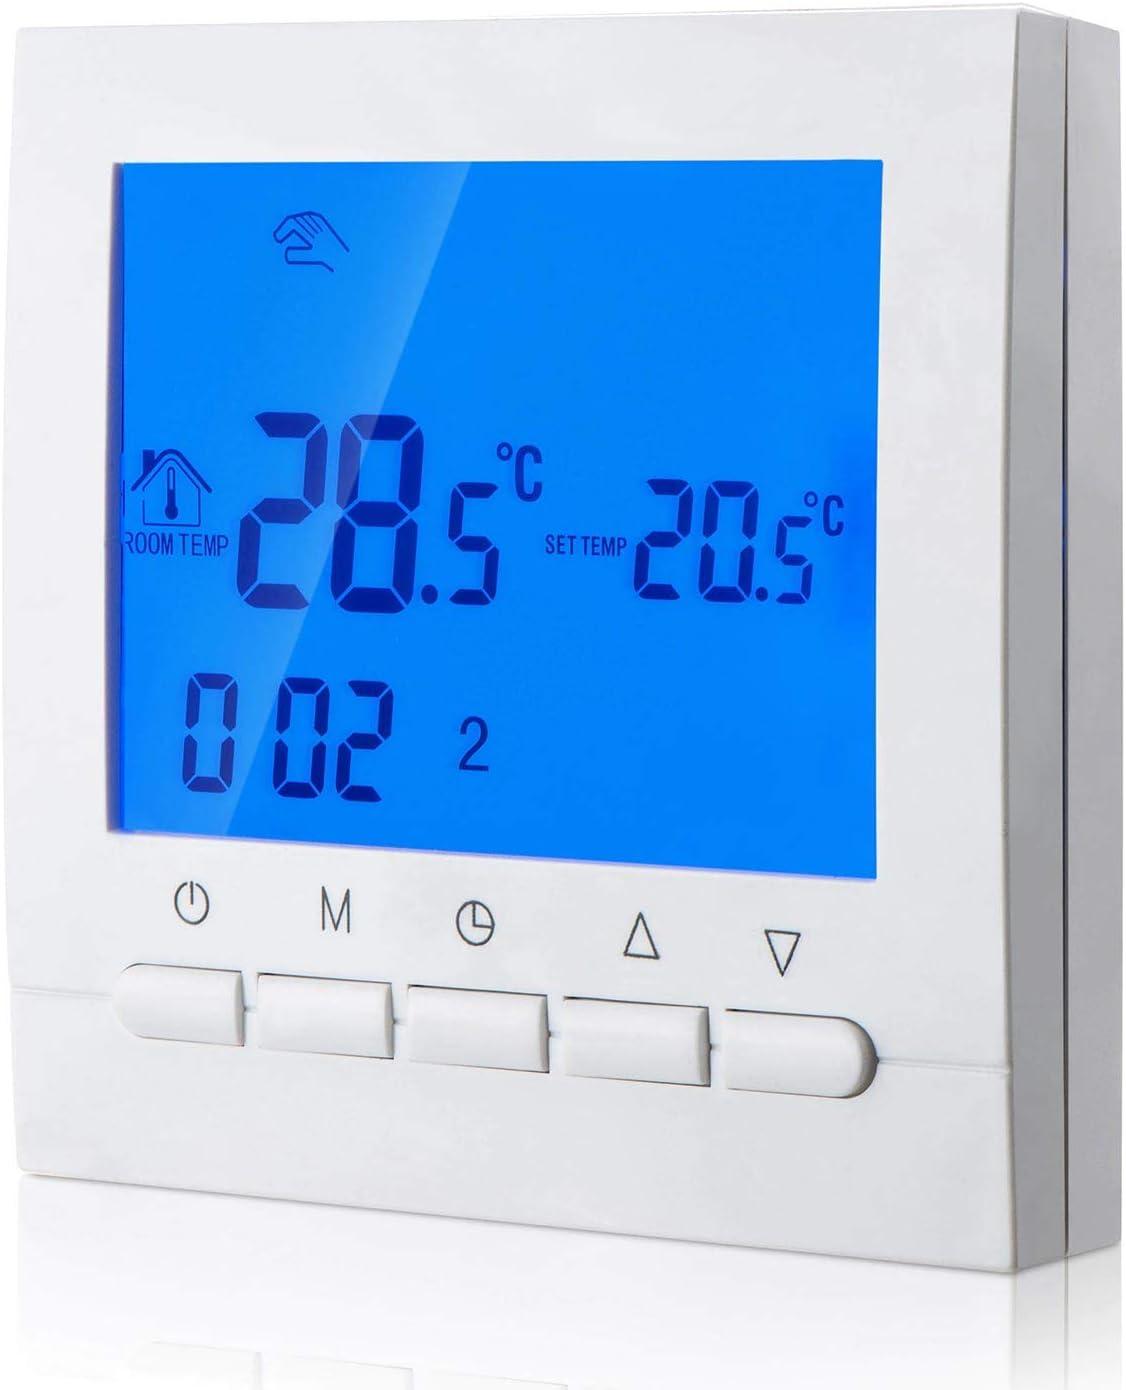 KPS Termostato digital para calefacción con programación 6 periodos dias laborables y 2 periodos fines de semana KPS CONFORTLINE TERMODIGI